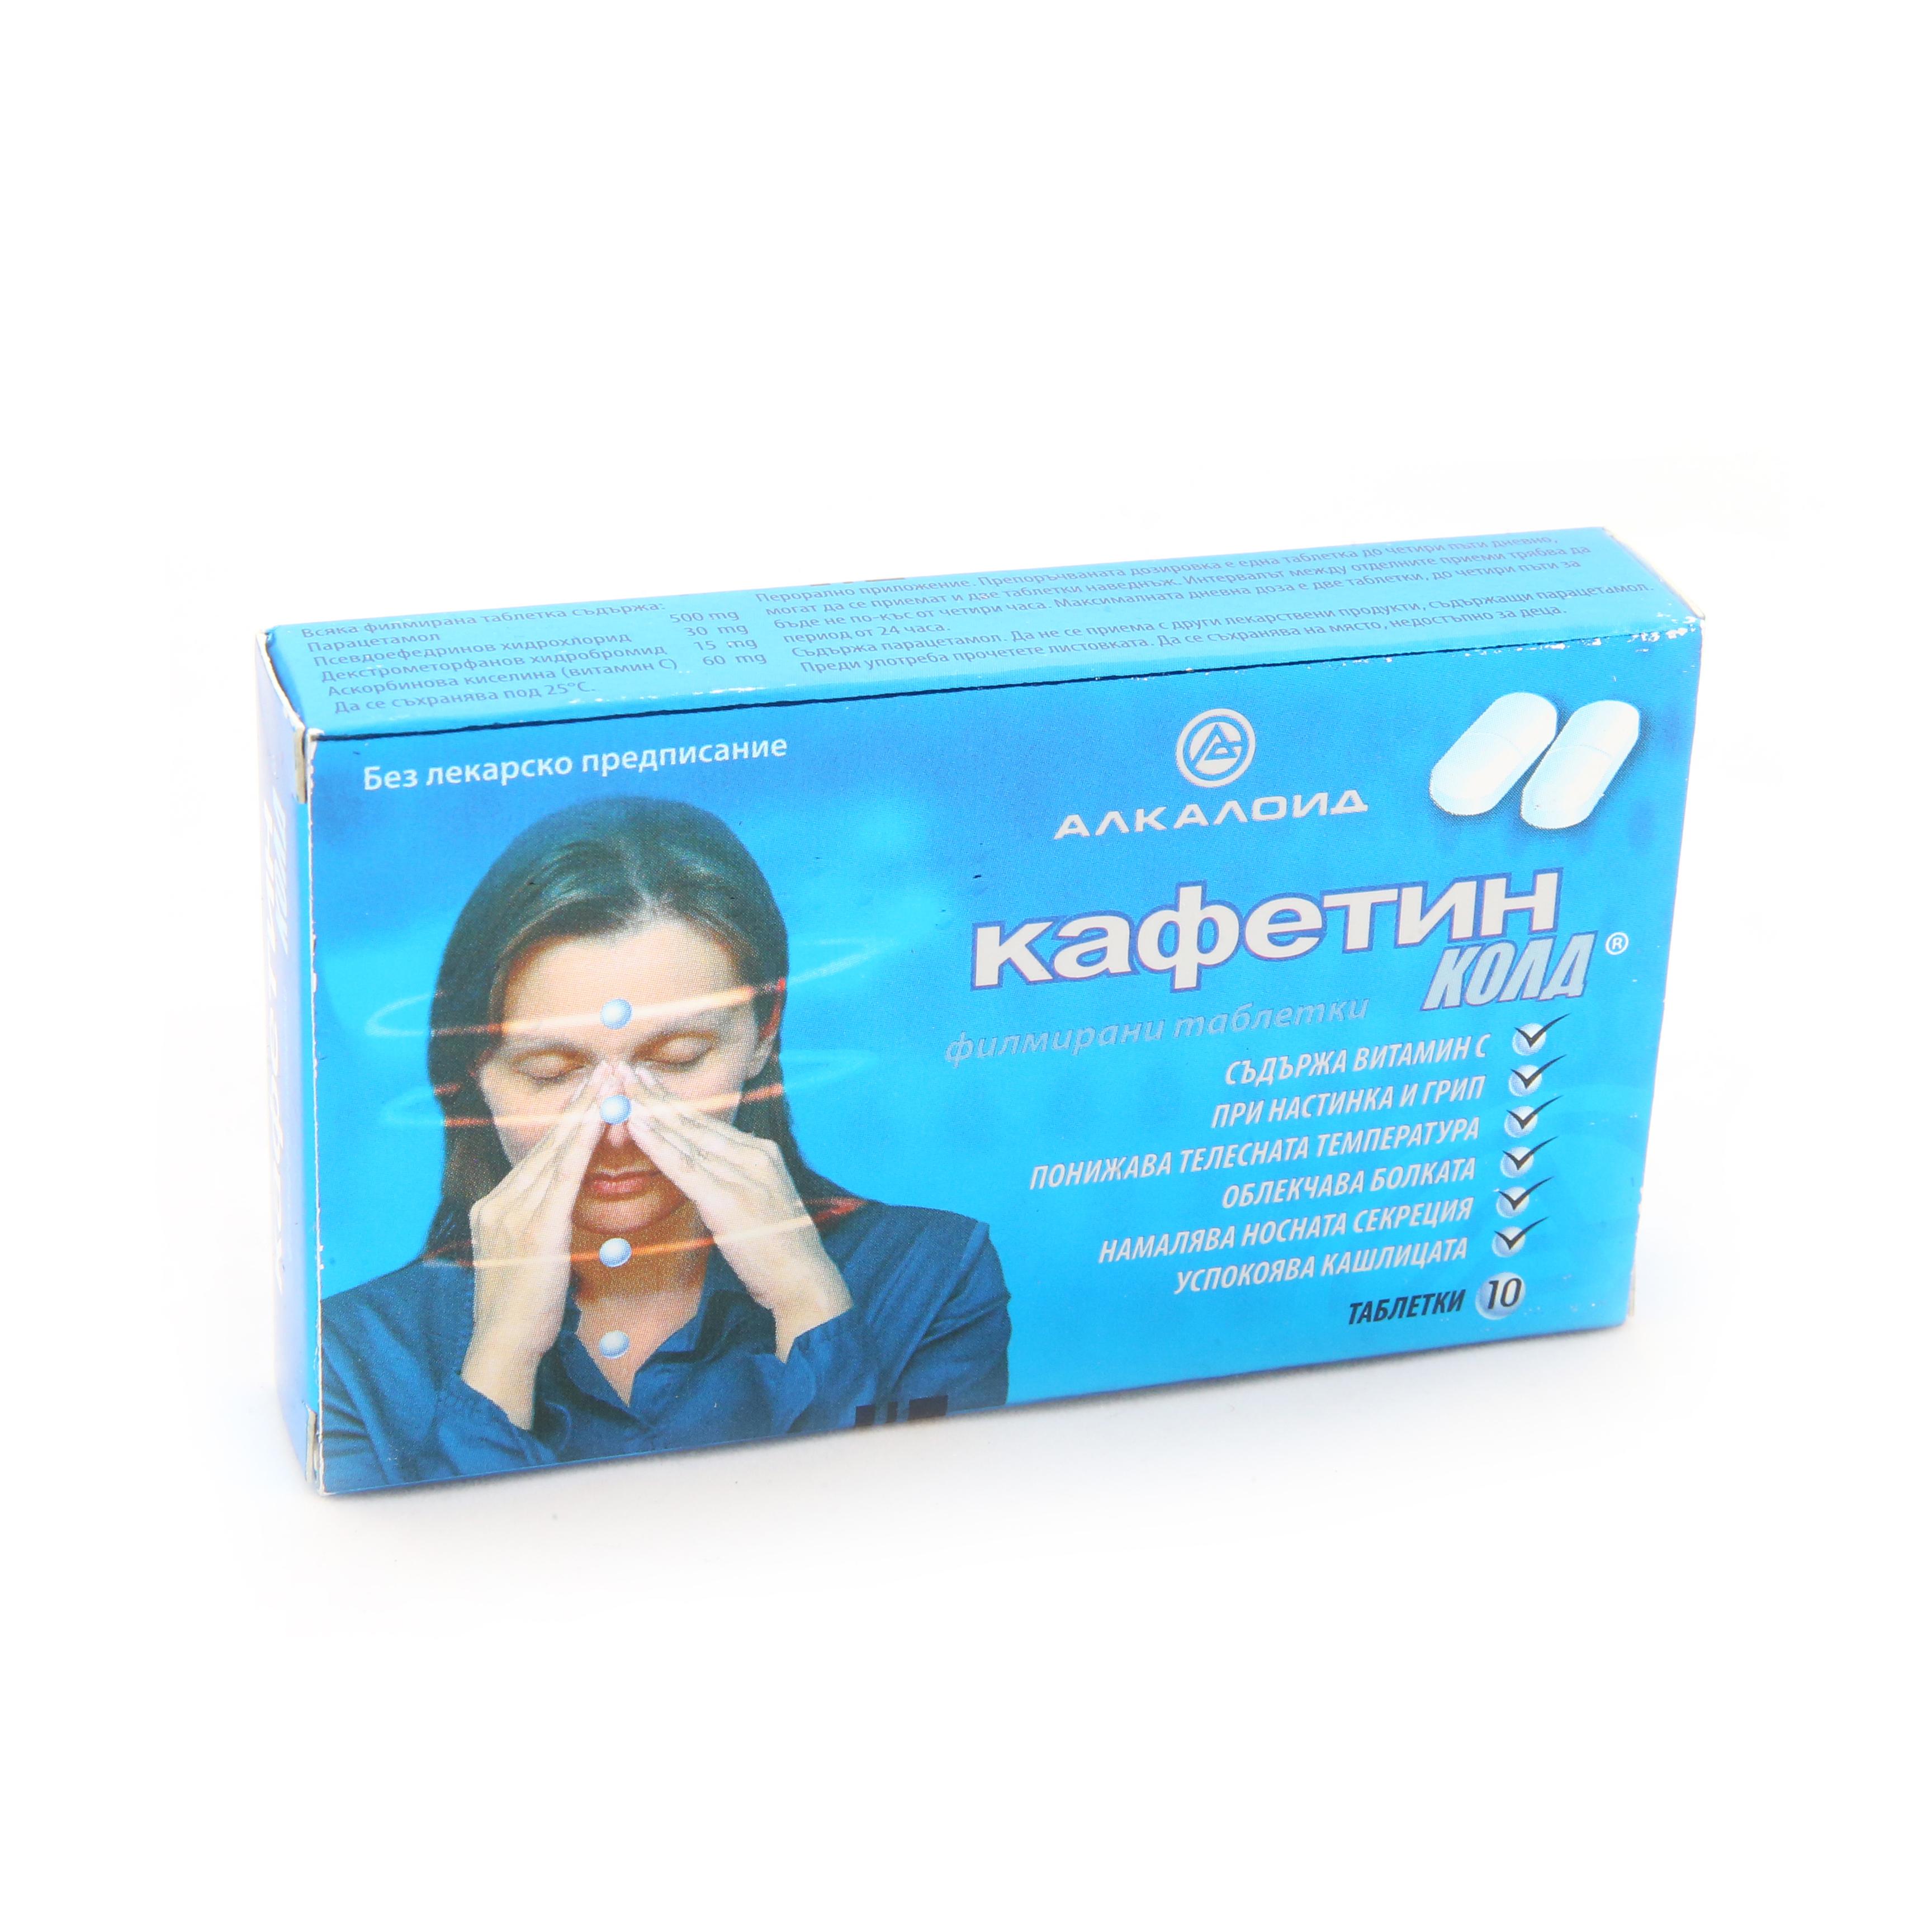 Какво представлява Кафетин Колд и за какво се използва?  КАФЕТИН КОЛД / CAFFETIN COLD  на фармацевтичната компания Алкалоид  е комбинирано лекарствено средство, което понижава високата телесна температура и облекчава болката. Кафетин Колд съдържа няколко активни съставки. Парацетамол е болкоуспокояващо и понижаващо температурата средство. Псевдоефедрин намалява отока на носната лигавица и по този начин прави проходими носа и дихателните пътища. Декстрометорфан потиска кашлицата като понижава дразненето в гърлото и бронхите. Витамин С усилва имунната система. Кафетин Колд облекчава симптомите на обикновената хрема и грипа (главоболие, болки в мускулите, болки в гърлото, запушен нос, висока температура и кашлица).  Преди да приемете Кафетин Колд  Не приемайте Кафетин Колд Ако сте алергични към Кафетин Колд или към някое от останалите съставки на Кафетин Колд; Ако имате тежка хипертония, заболявания на коронарните артерии, тежки чернодробни или бъбречни увреждания; Ако в момента приемате или през предхождащите две седмици сте приемали лекарствени продукти от групата на МАО-инхибиторите.  Обърнете специално внимание при употребата на Кафетин Колд ако:   Имате лека до умерена хипертония, сърдечно заболяване, диабет, чернодробно или бъбречно заболяване, хиперфункция на щитовидната жлеза (хипертироидизъм), повишено вътреочно налягане или увеличена простата. Попитайте Вашия фармацевт или лекар дали може да приемате Кафетин Колд. Ако сте над 60 години или организмът Ви е изтощен е по-вероятно да се проявят някои от нежеланите ефекти на медикамента. Не вземайте това лекарство преди да разговаряте със своя лекар или фармацевт, ако приемате повече от три алкохолни питиета дневно или ако имате чернодробно увреждане следствие на употреба на алкохол.  Прием на други лекарства   Моля информирайте Вашия лекар или фармацевт, ако приемате или наскоро сте приемали други лекарства, включително и такива, отпускани без рецепта. Не вземайте Кафетин Колд едновременно с други продукти, съдър